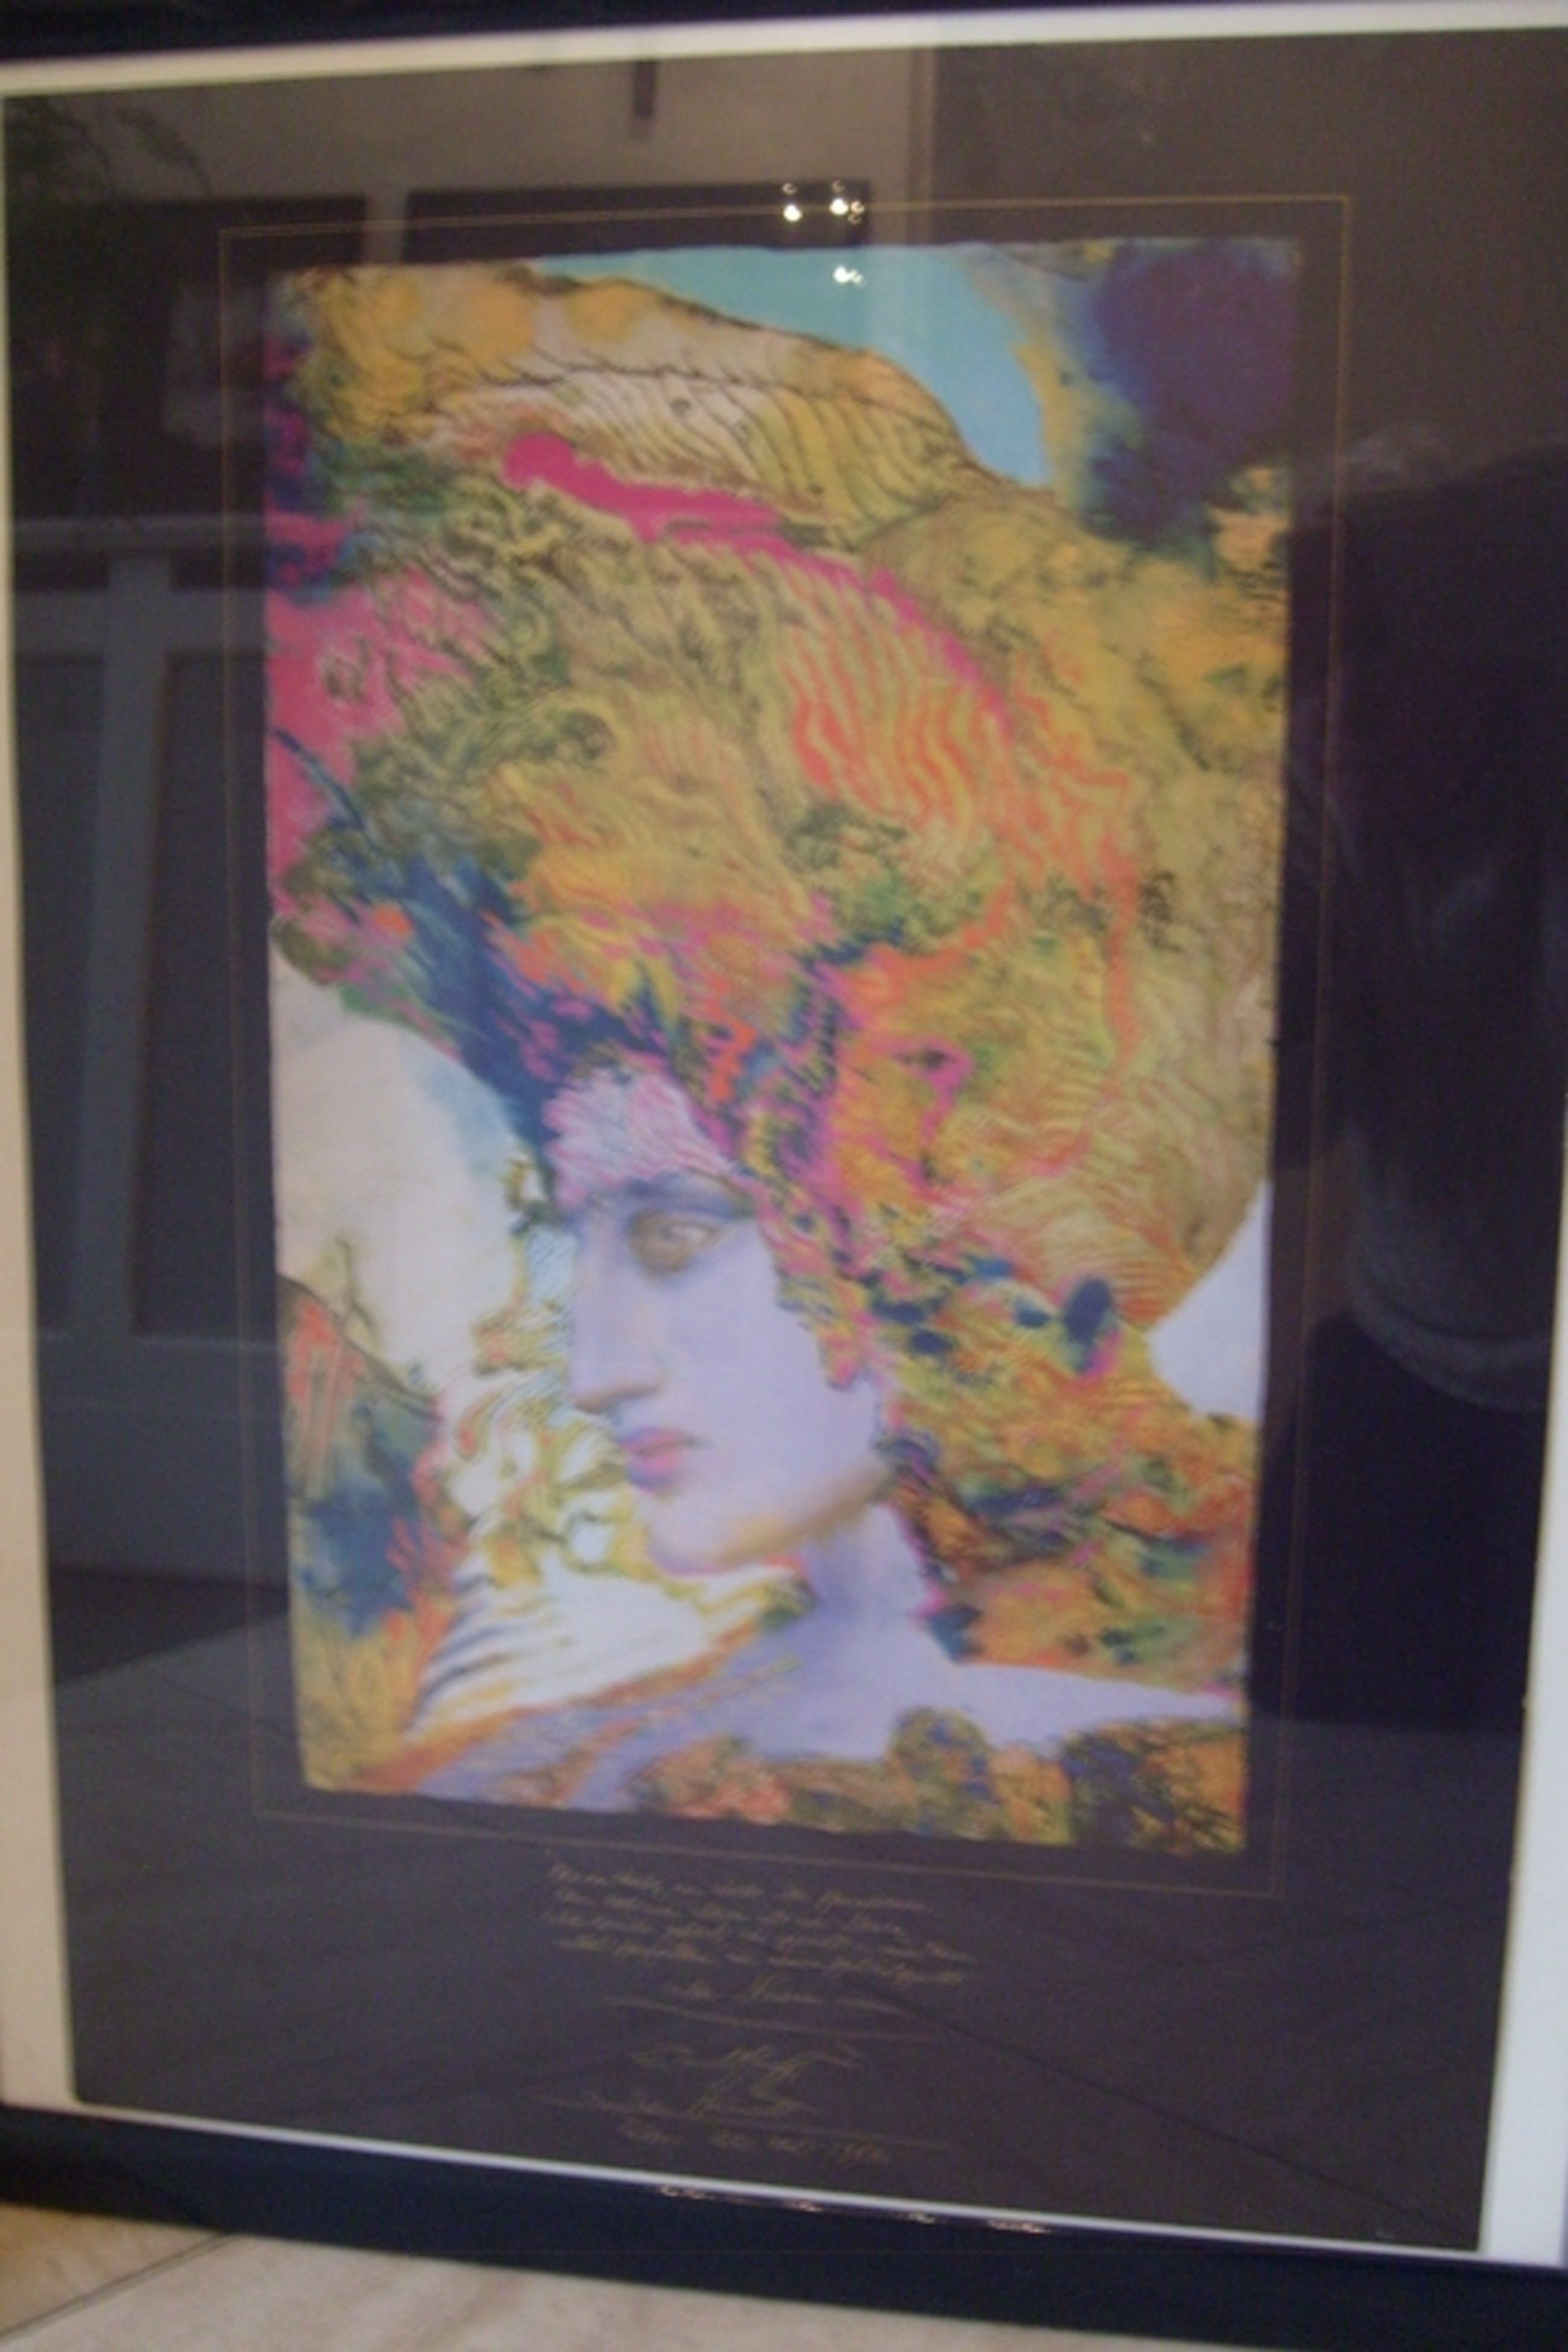 Ernst Fuchs, kleur-litho uit 1984 - 22 okt. kopen? Bied vanaf 10!